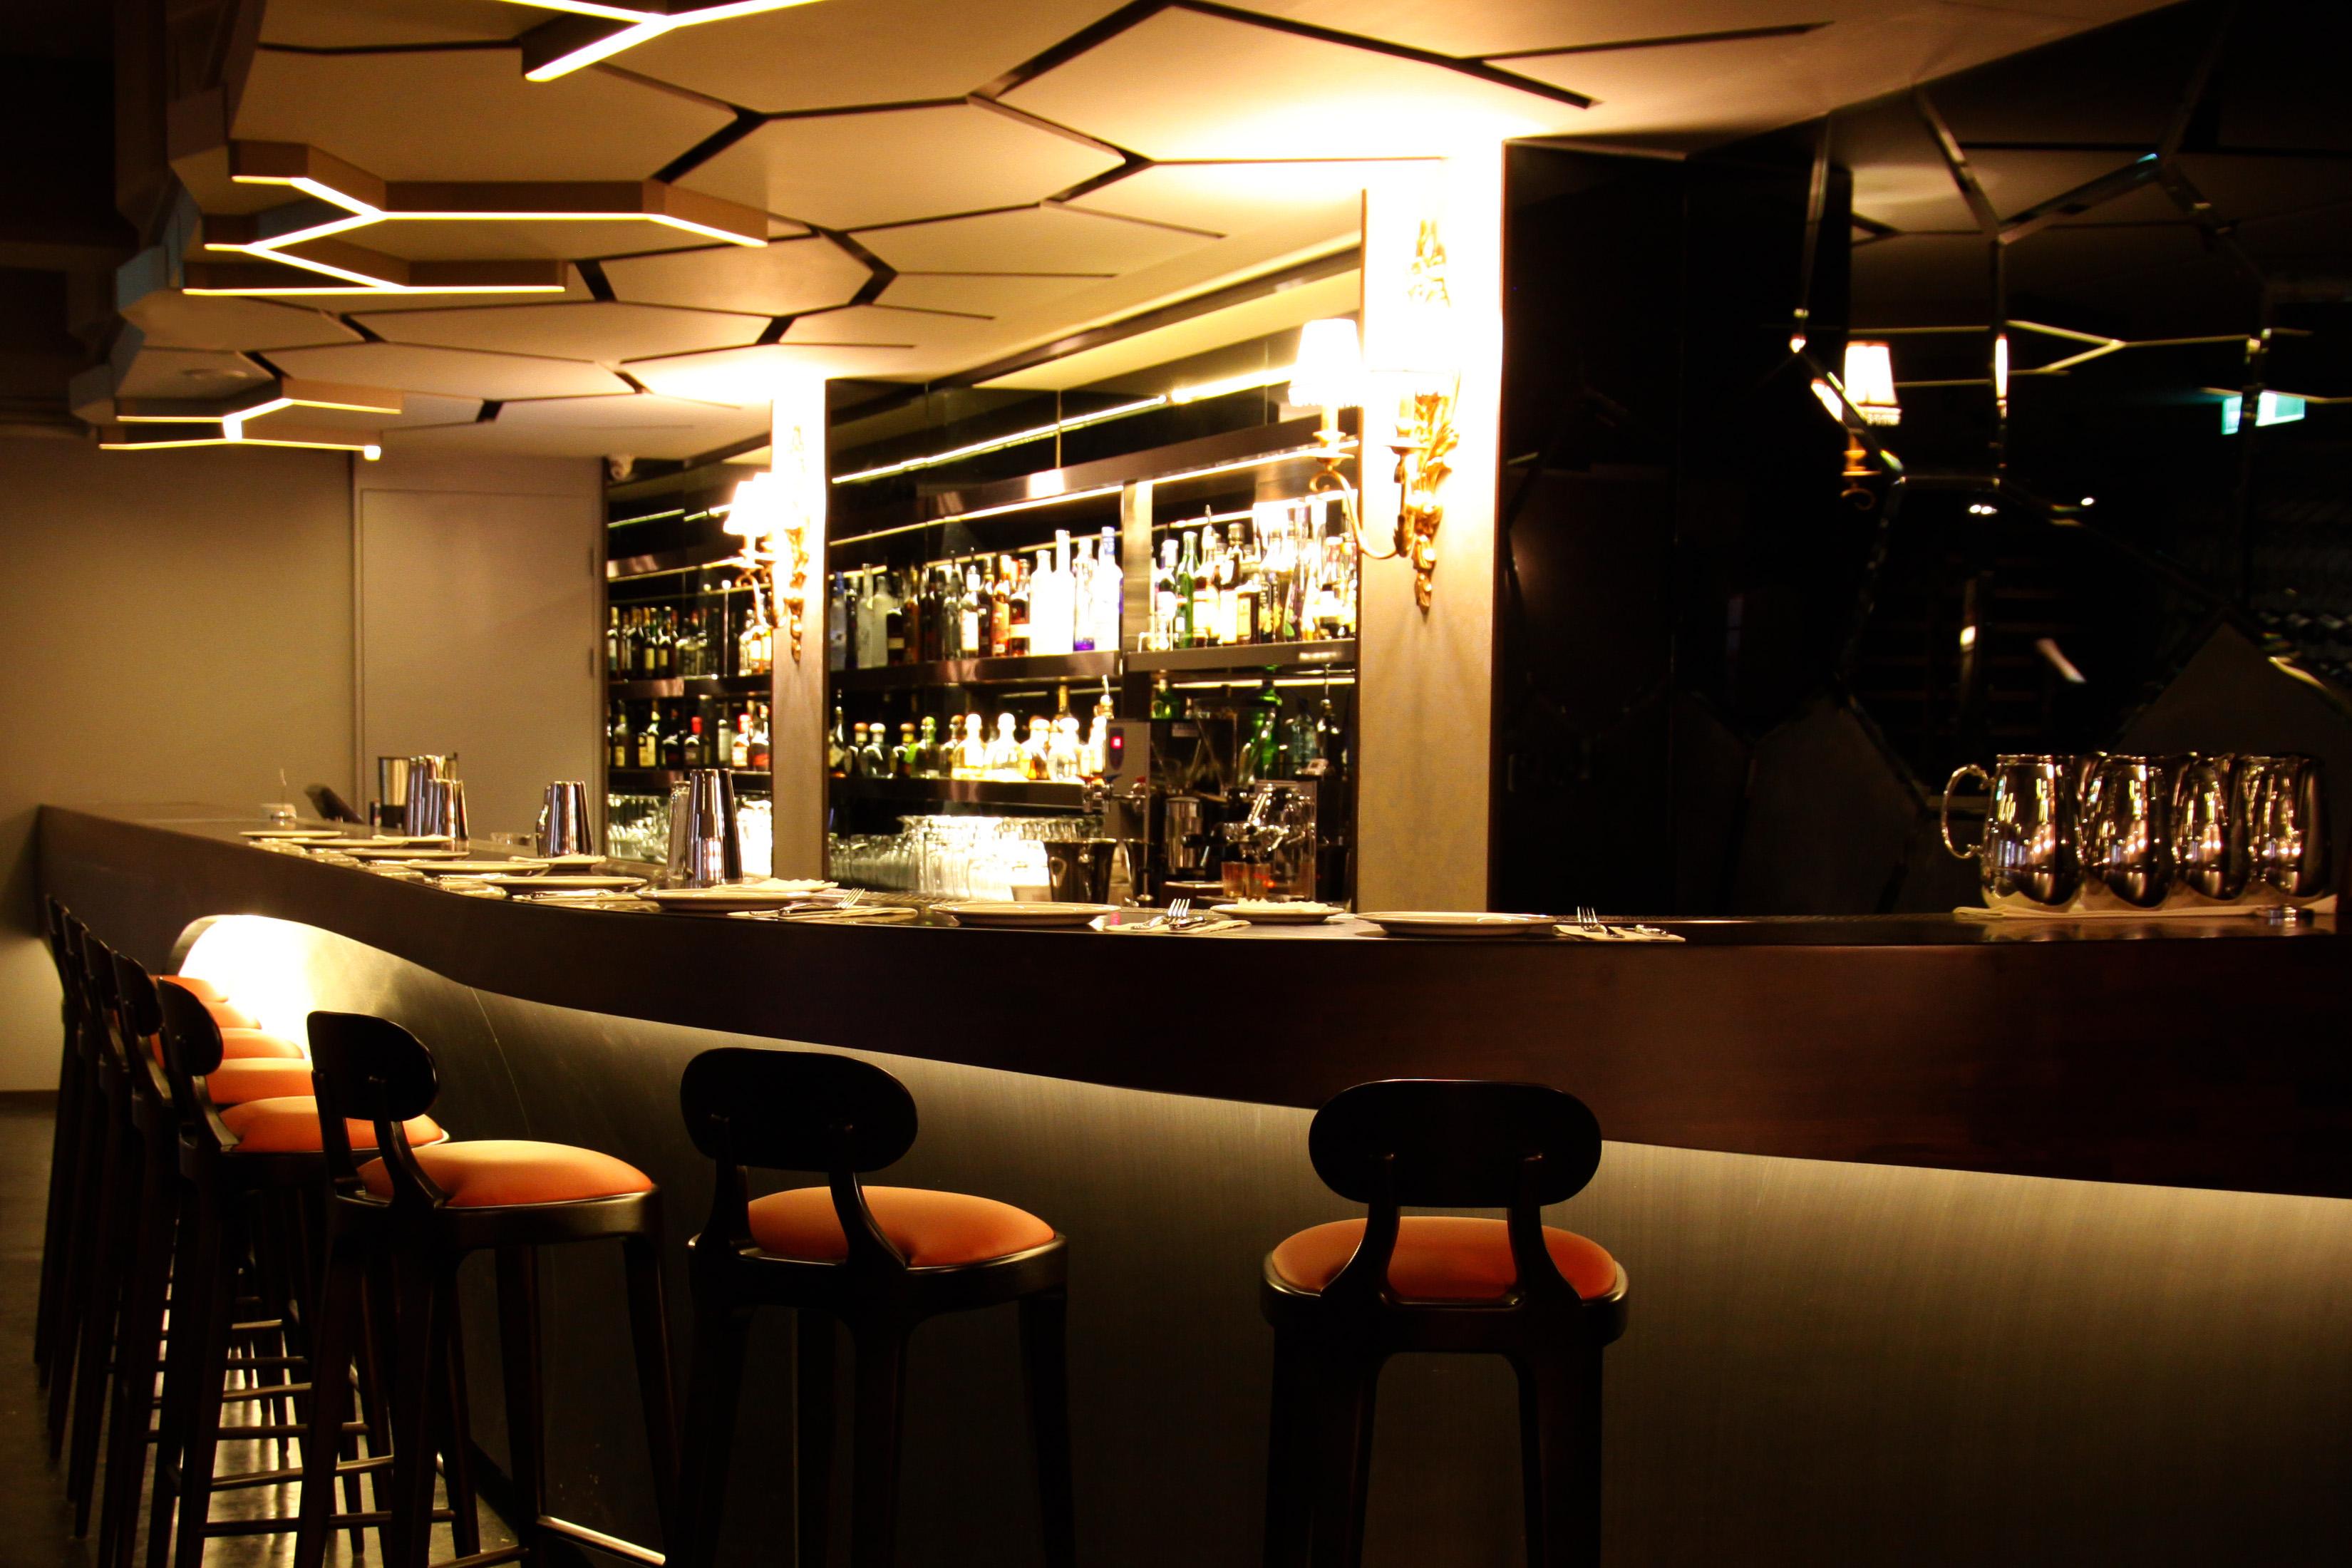 帕莎蒂娜法式餐酒館